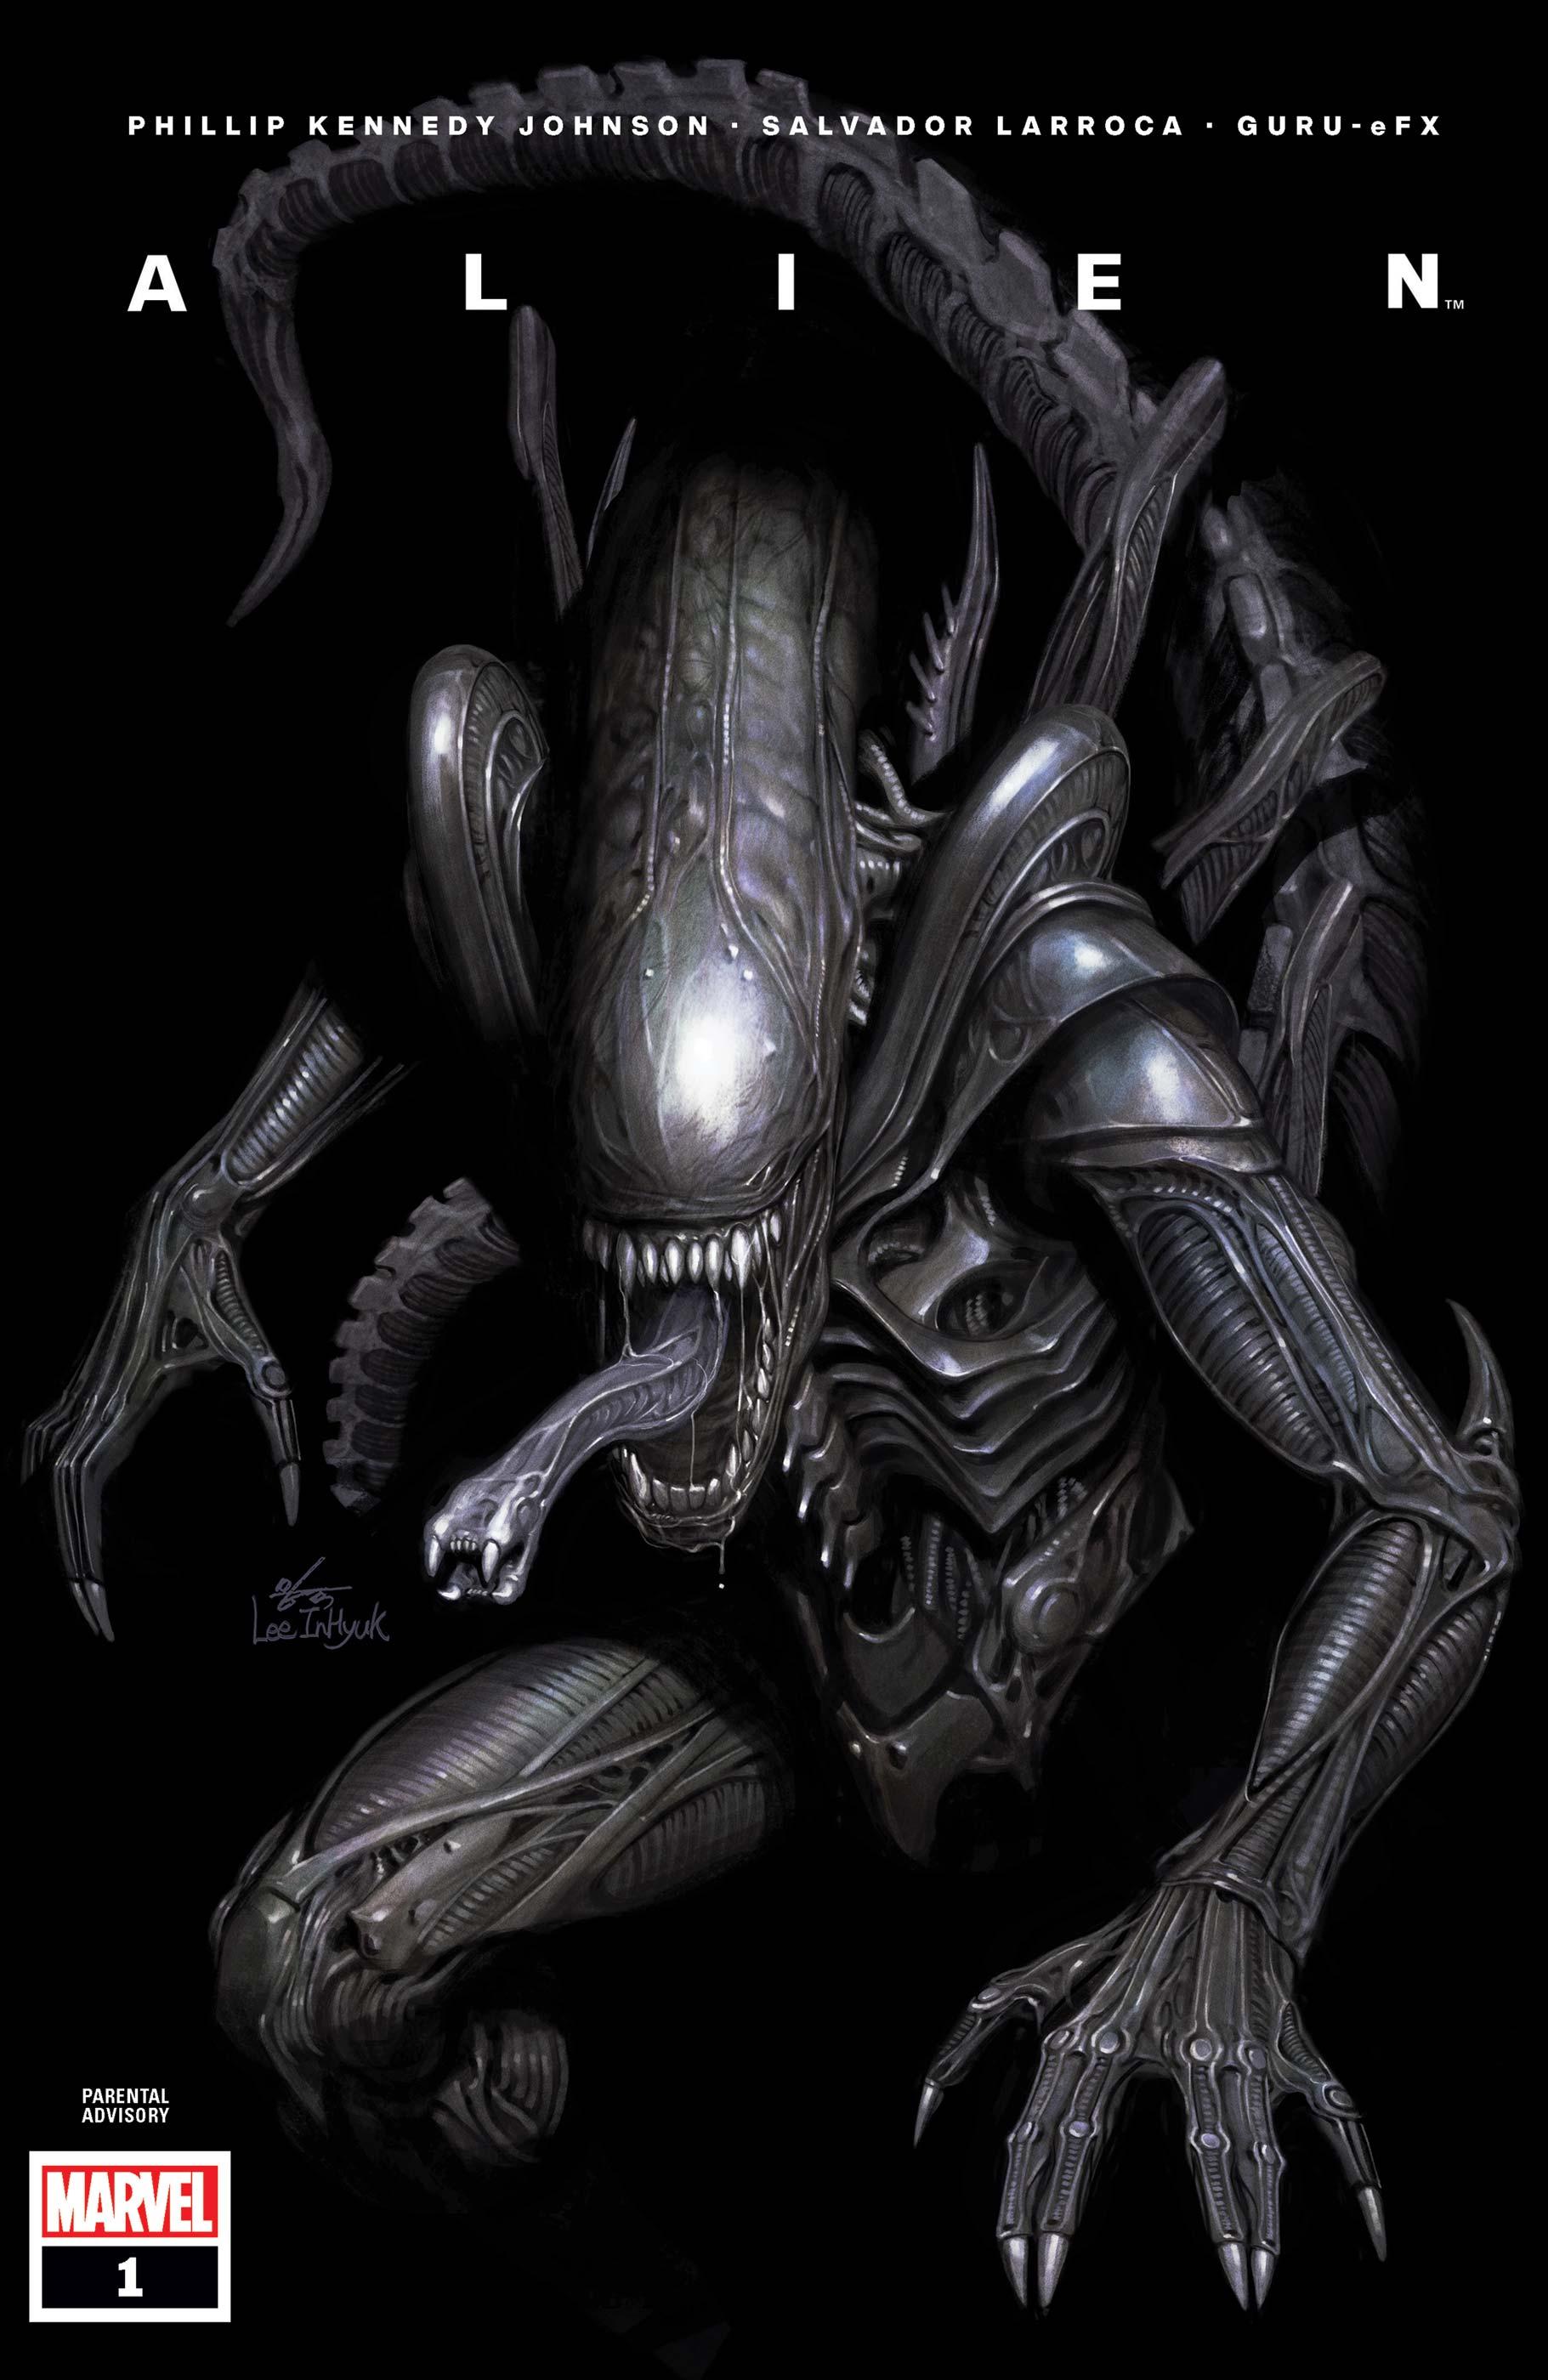 Alien #1 by Phillip Kennedy Johnson